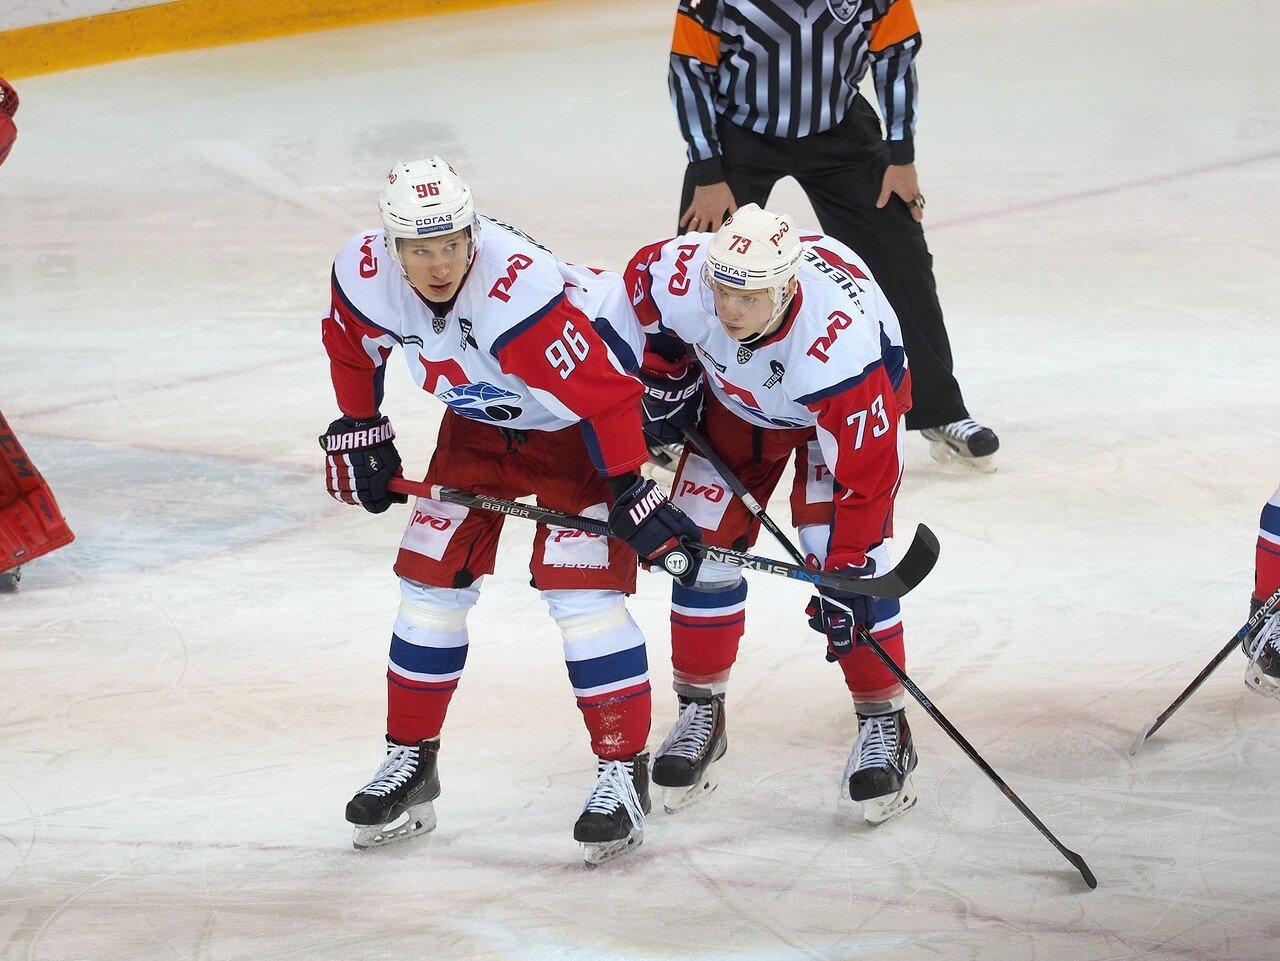 54Металлург - Локомотив 23.11.2016